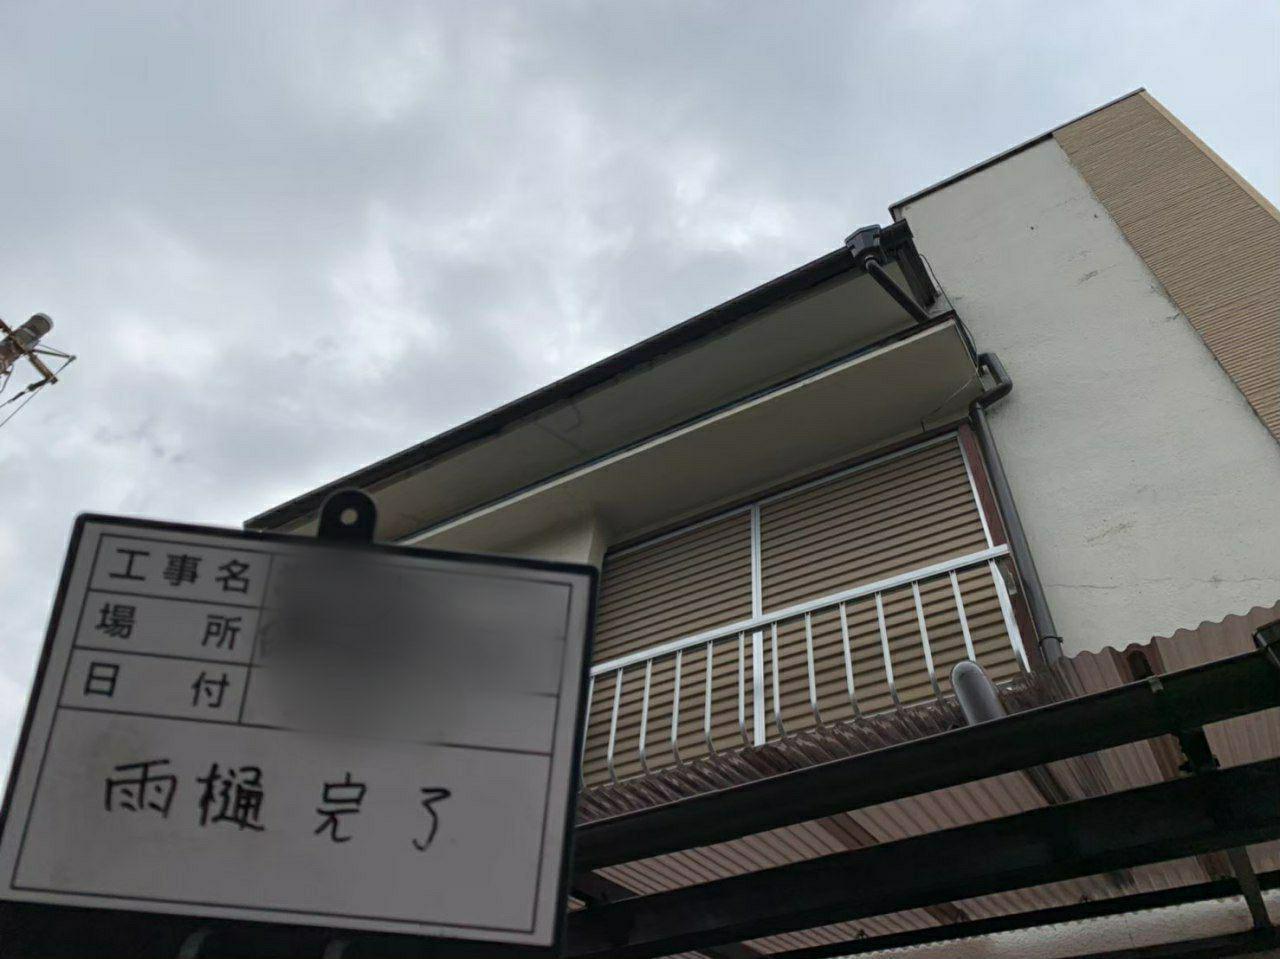 通路シェルター及び雨どい波板交換工事完了!東京都日野市で大雪被害!